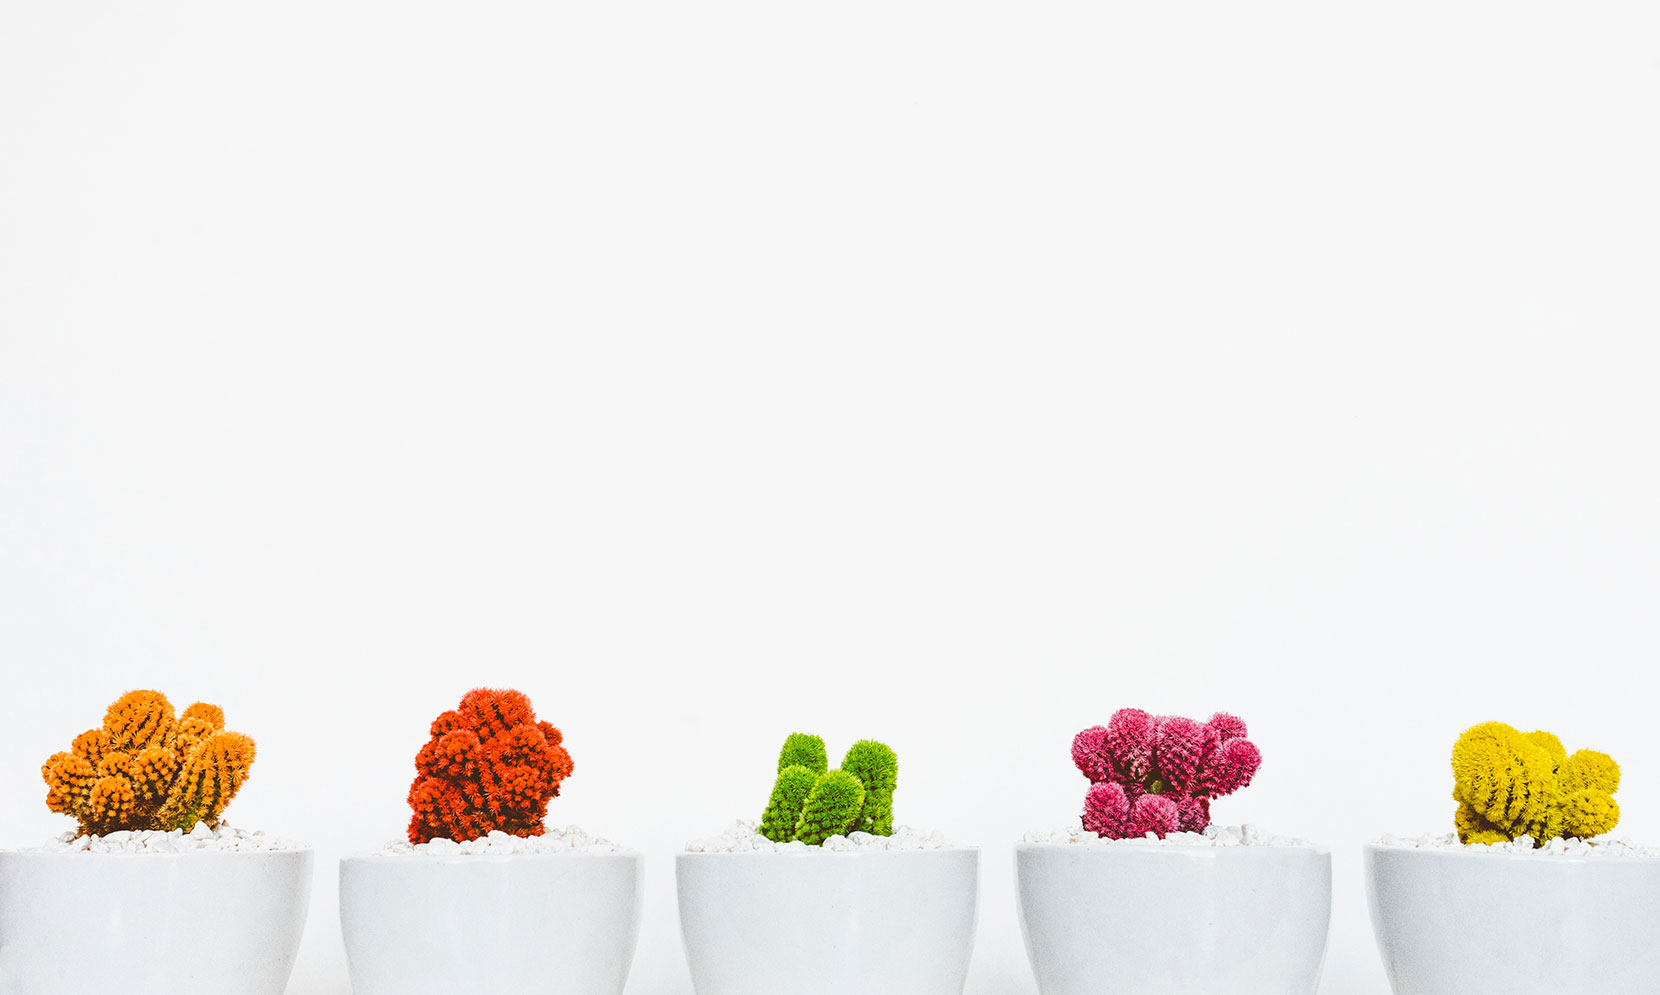 Colored cactus